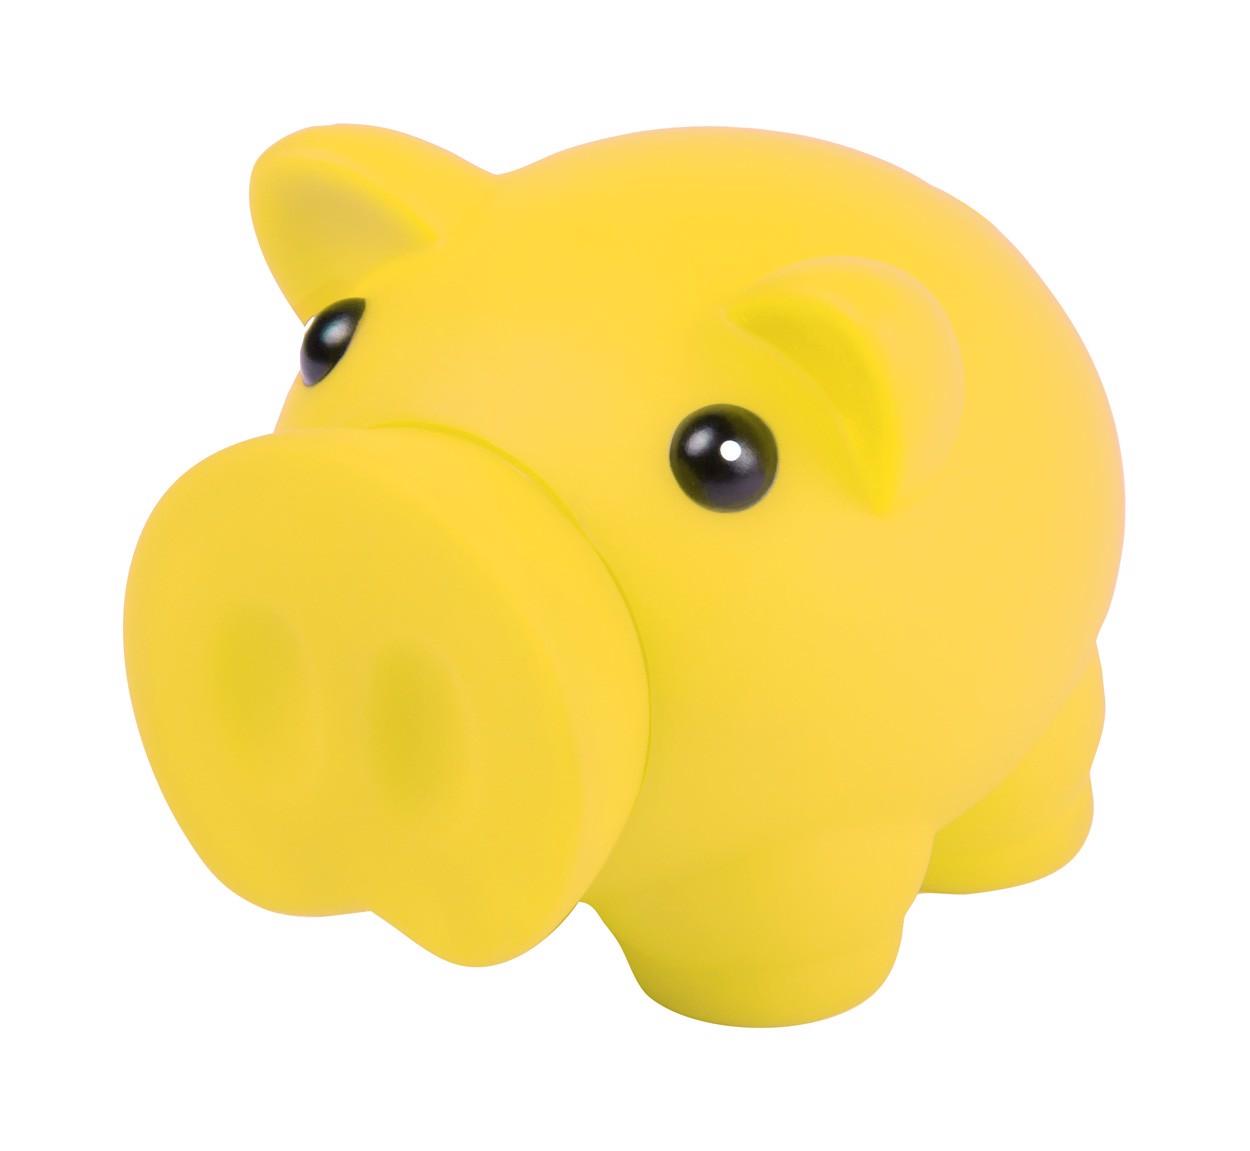 Pokladnička Prasátko Donax - Žlutá